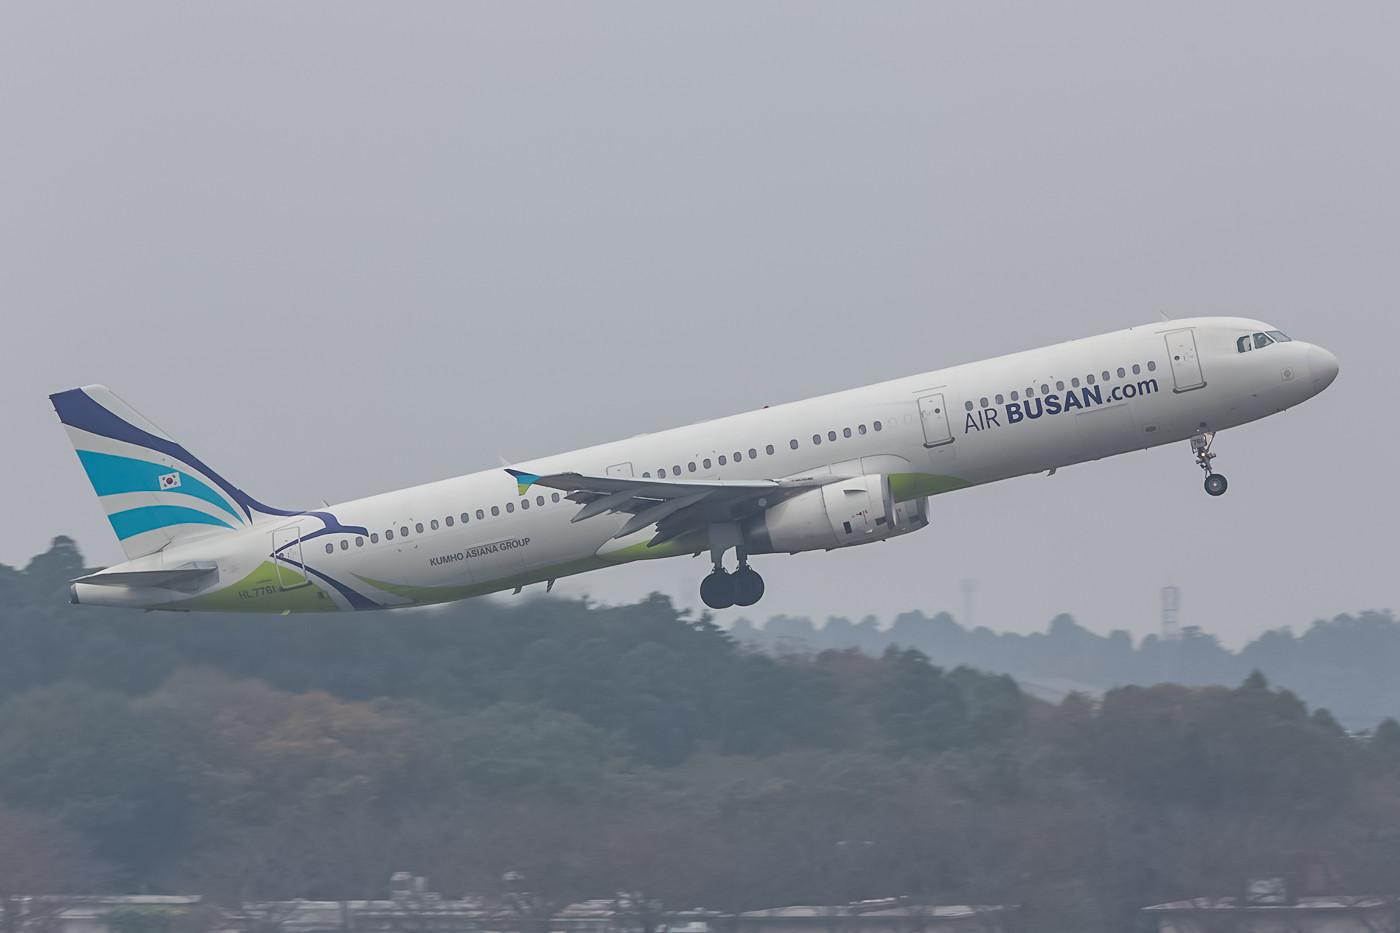 Eine weitere Airline aus Korea ist die Air Busan, die mit A 321 täglich Narita ansteuert.